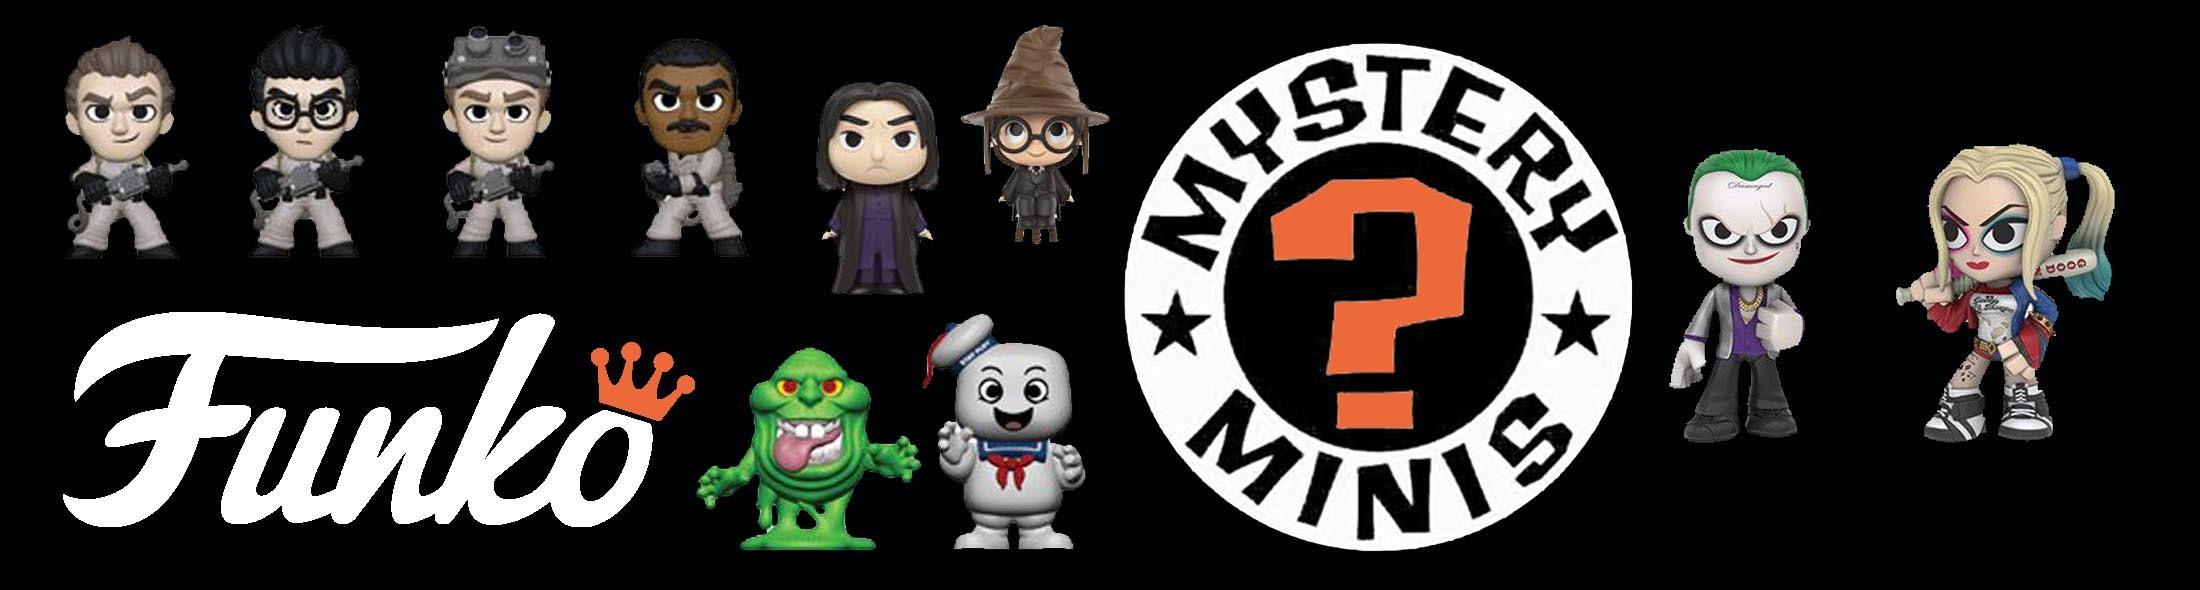 Funko Mystery mini's